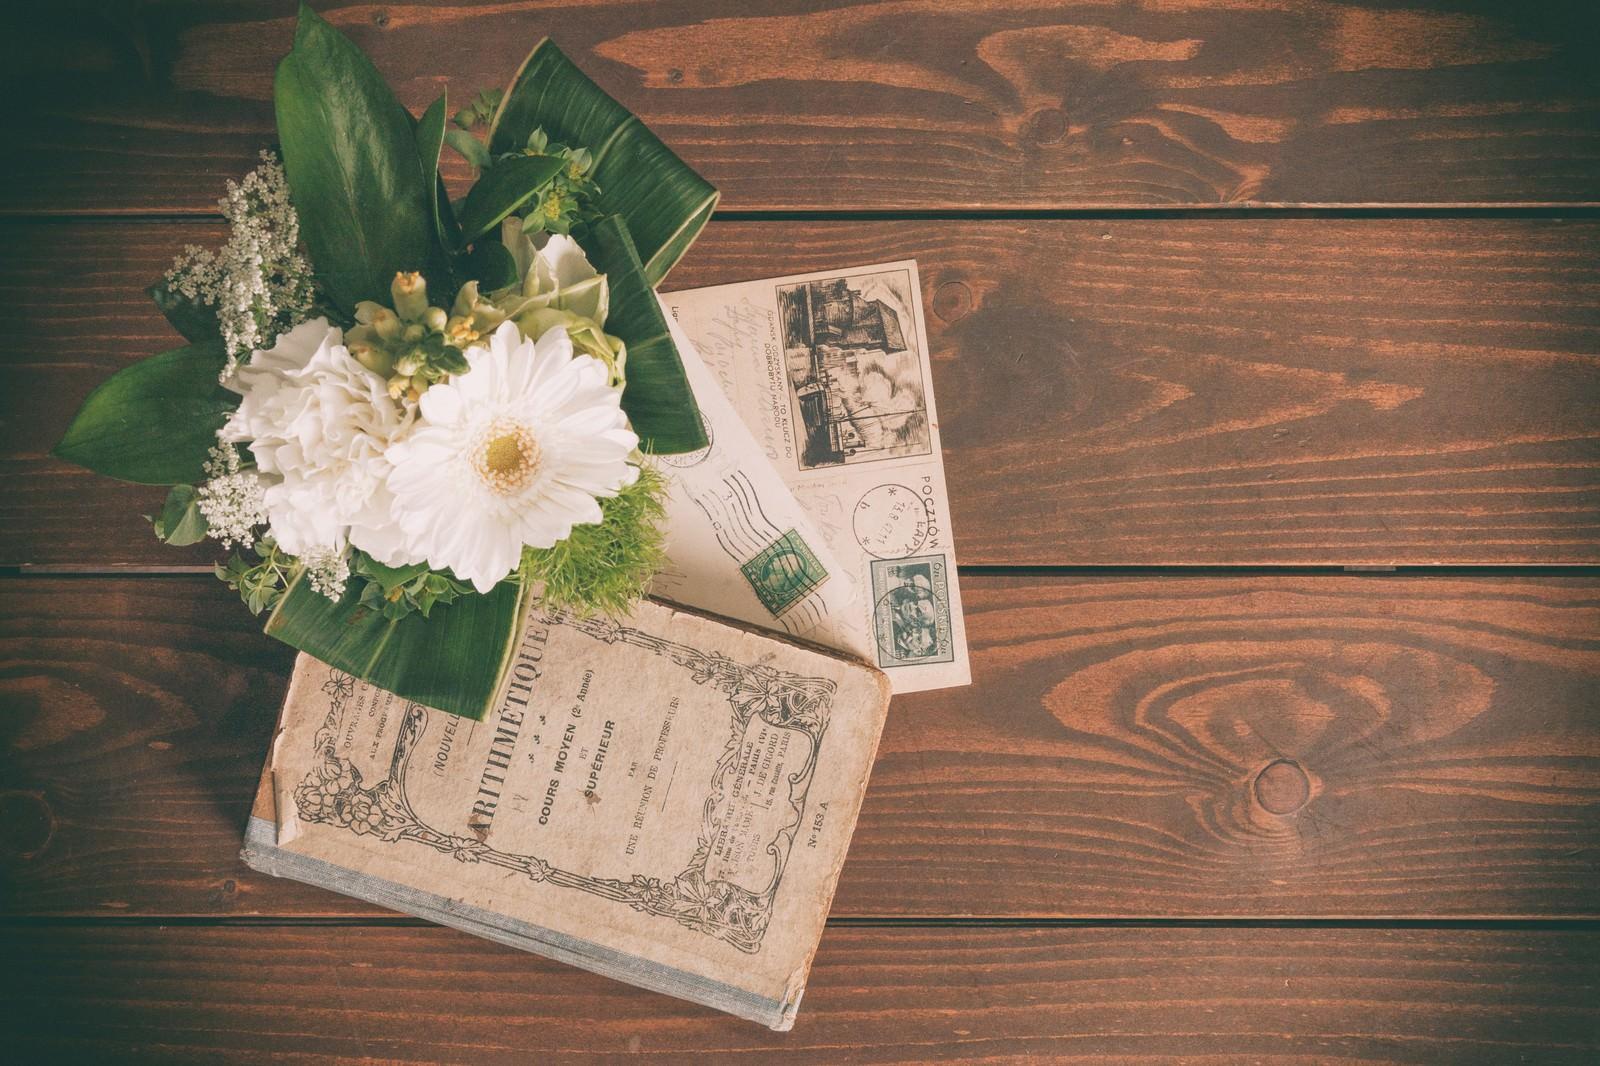 「小さな花束と古い葉書」の写真